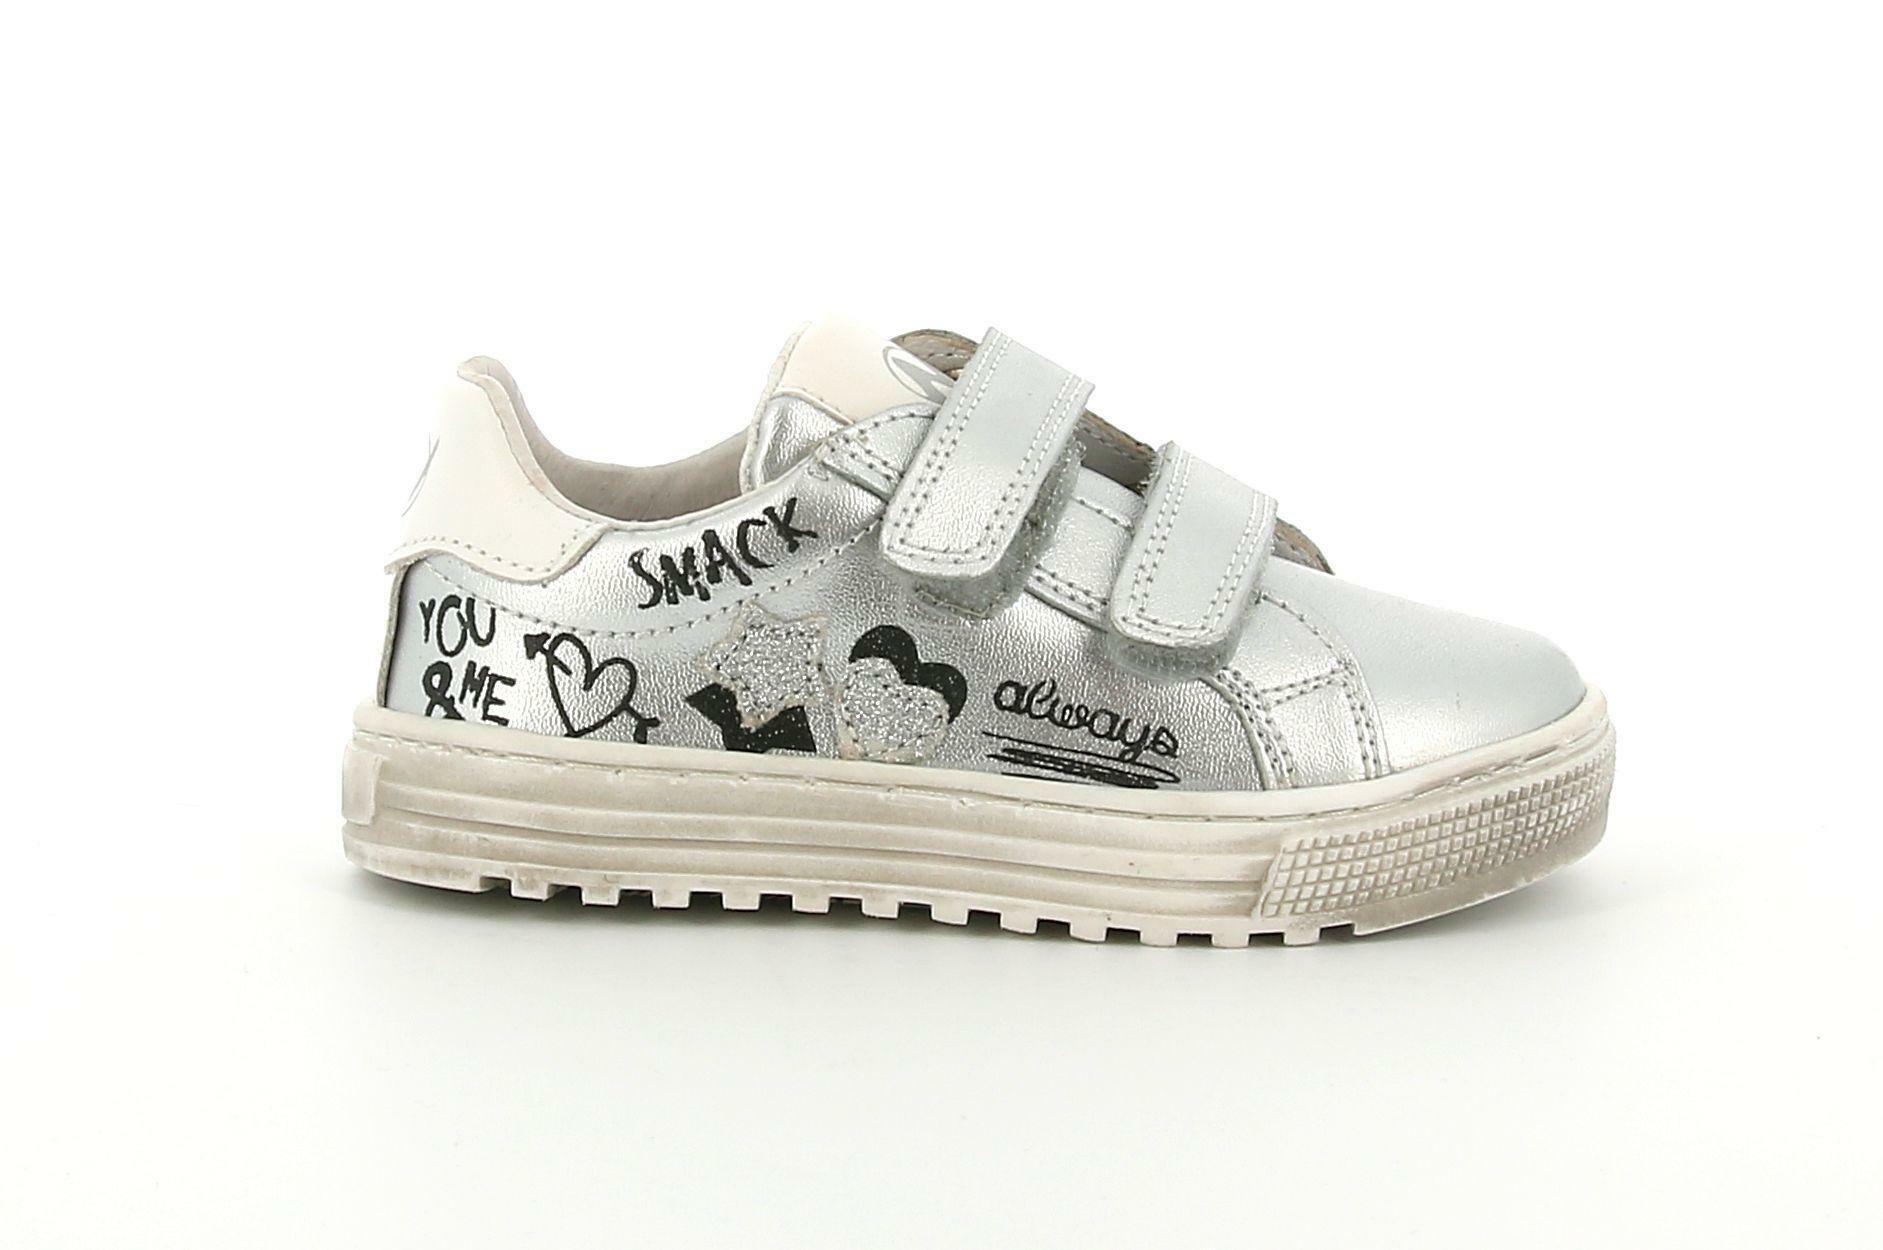 naturino naturino 2015474 02 1q23  argento sneakers bimba